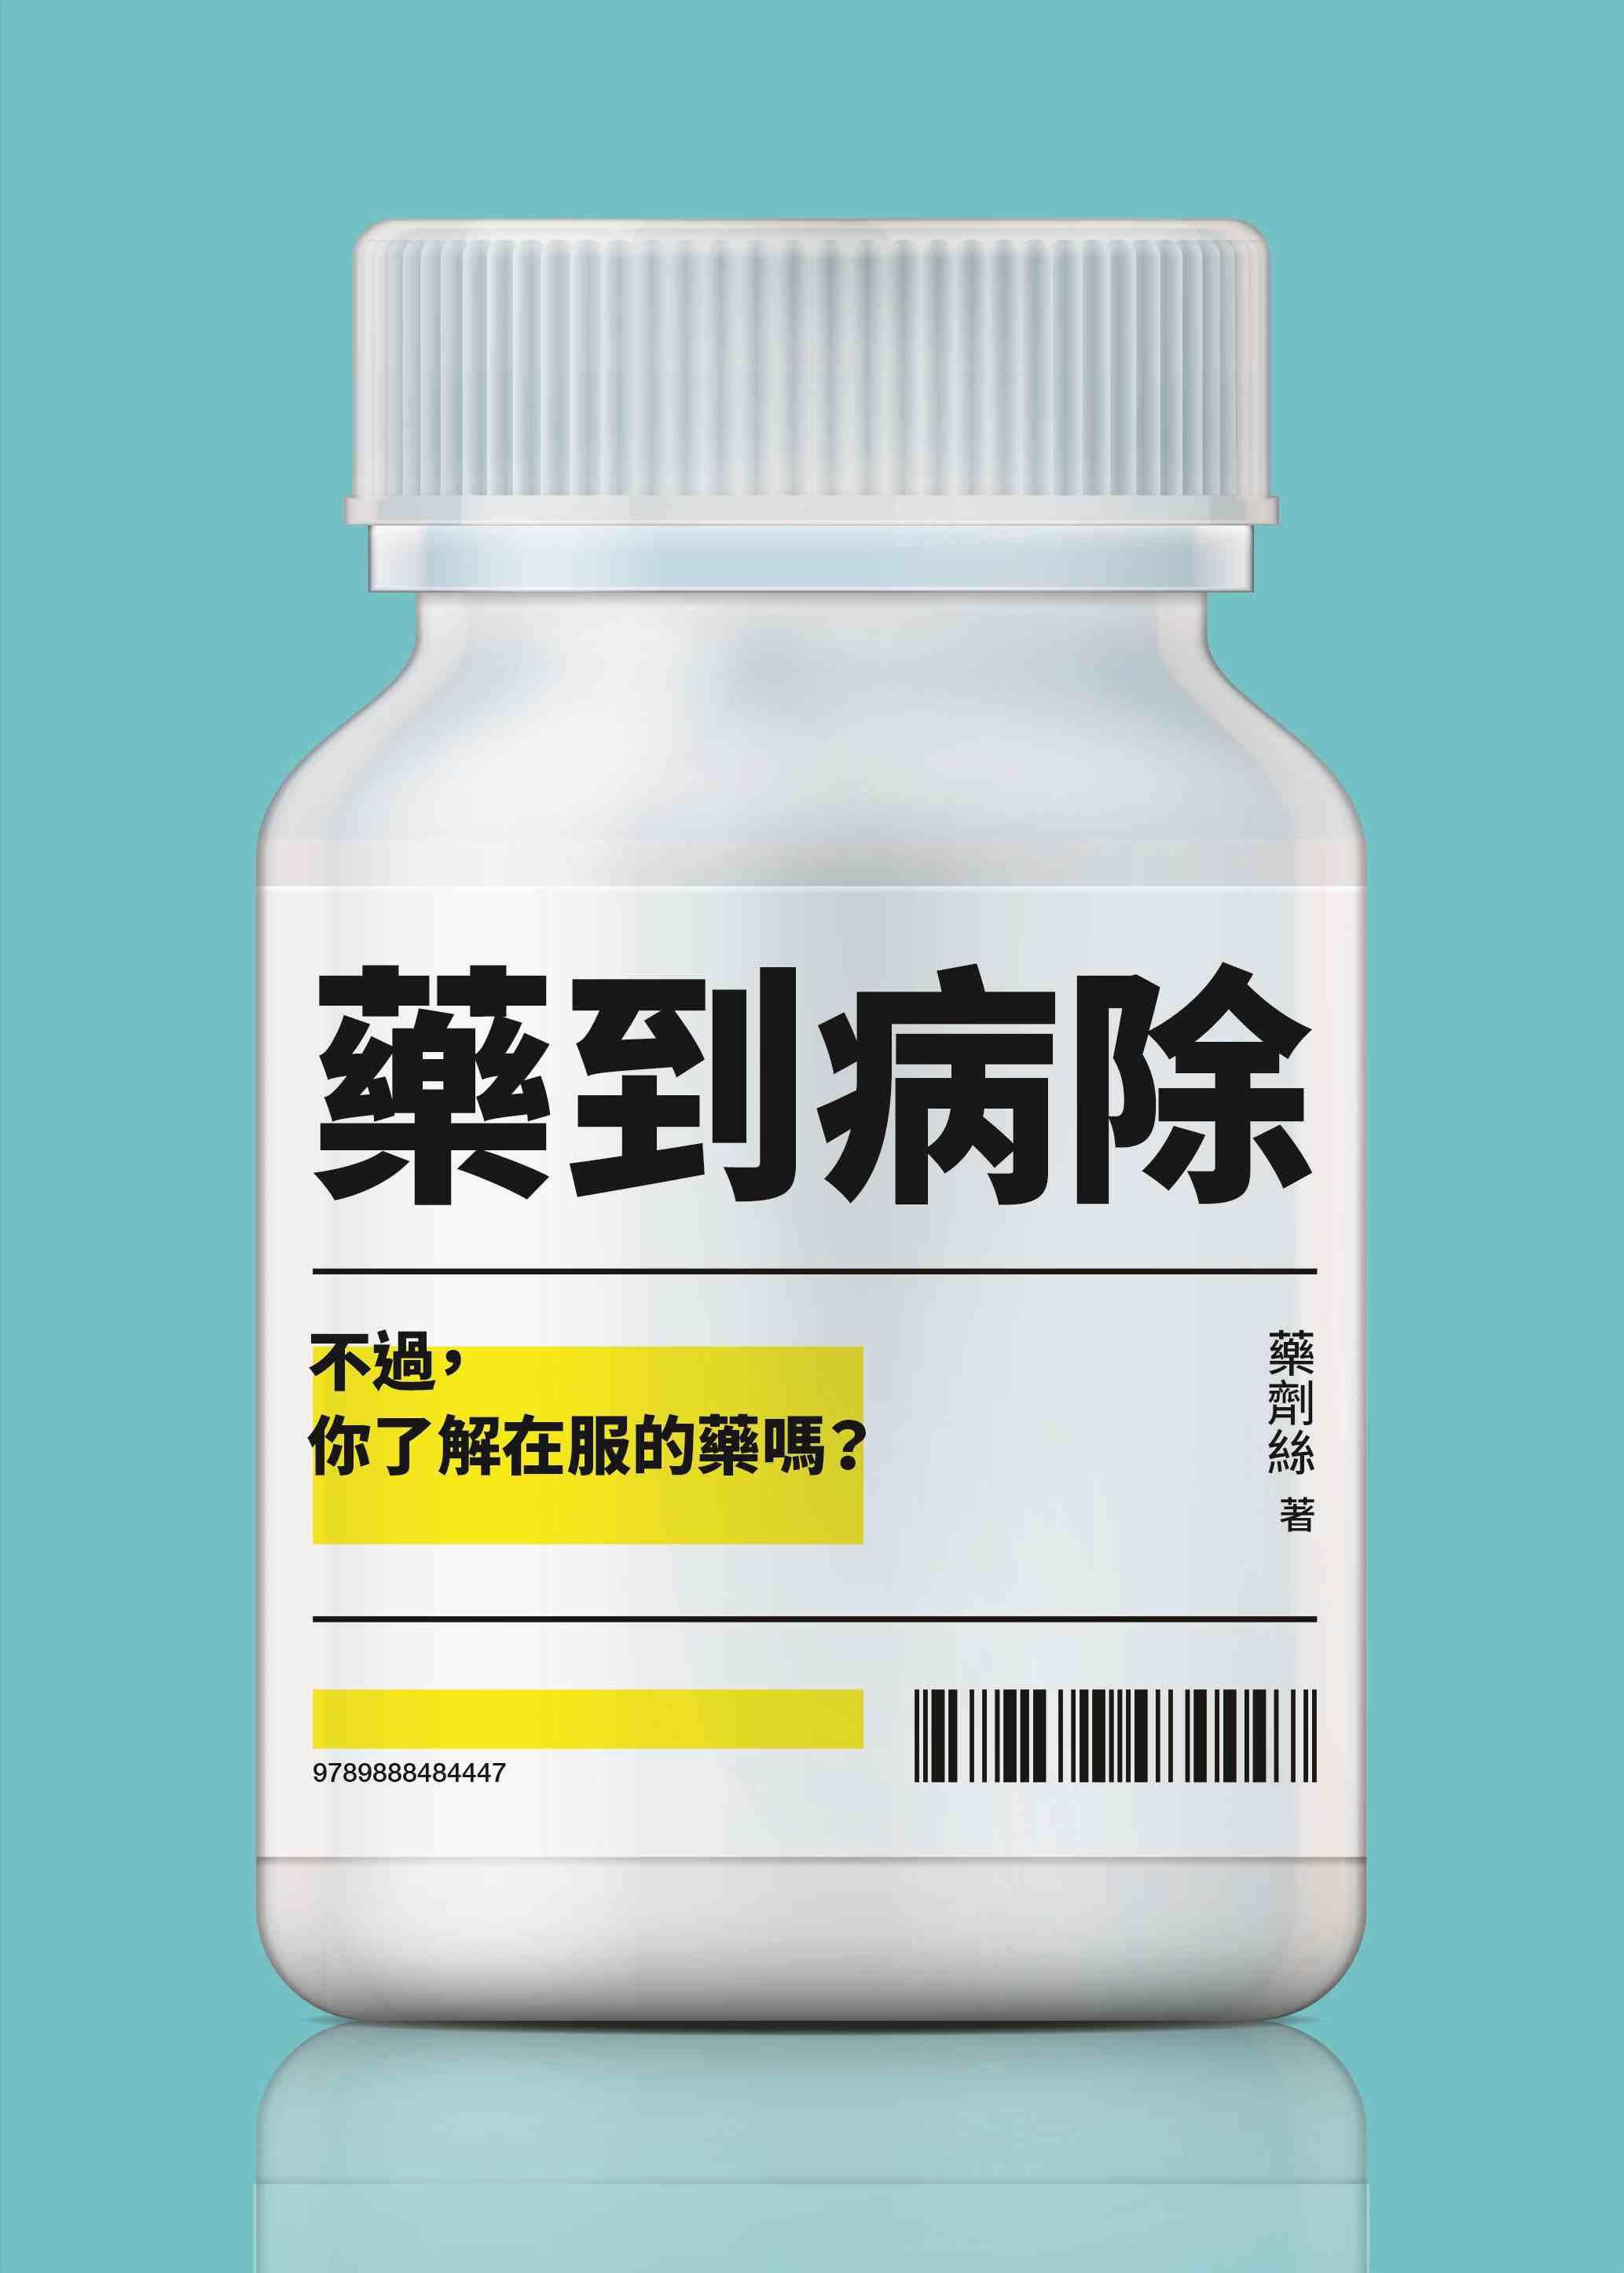 藥到病除——不過,你了解在服的藥嗎?